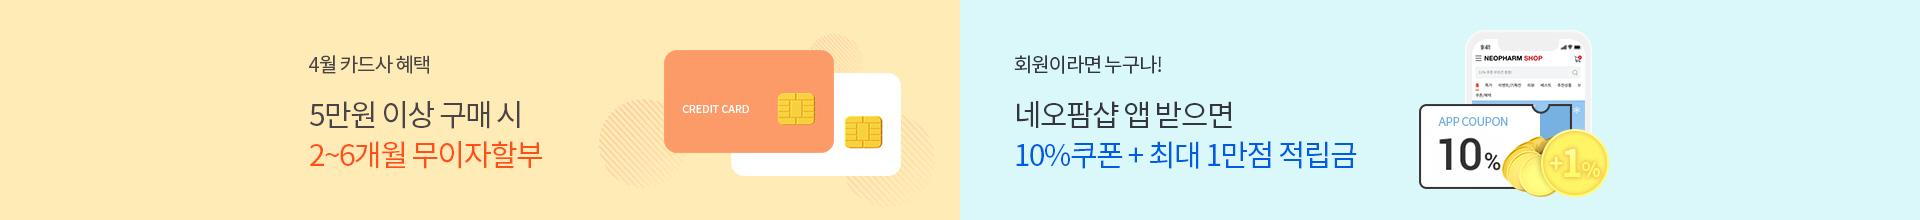 4월_메인 하단 띠배너(카드사/앱 )